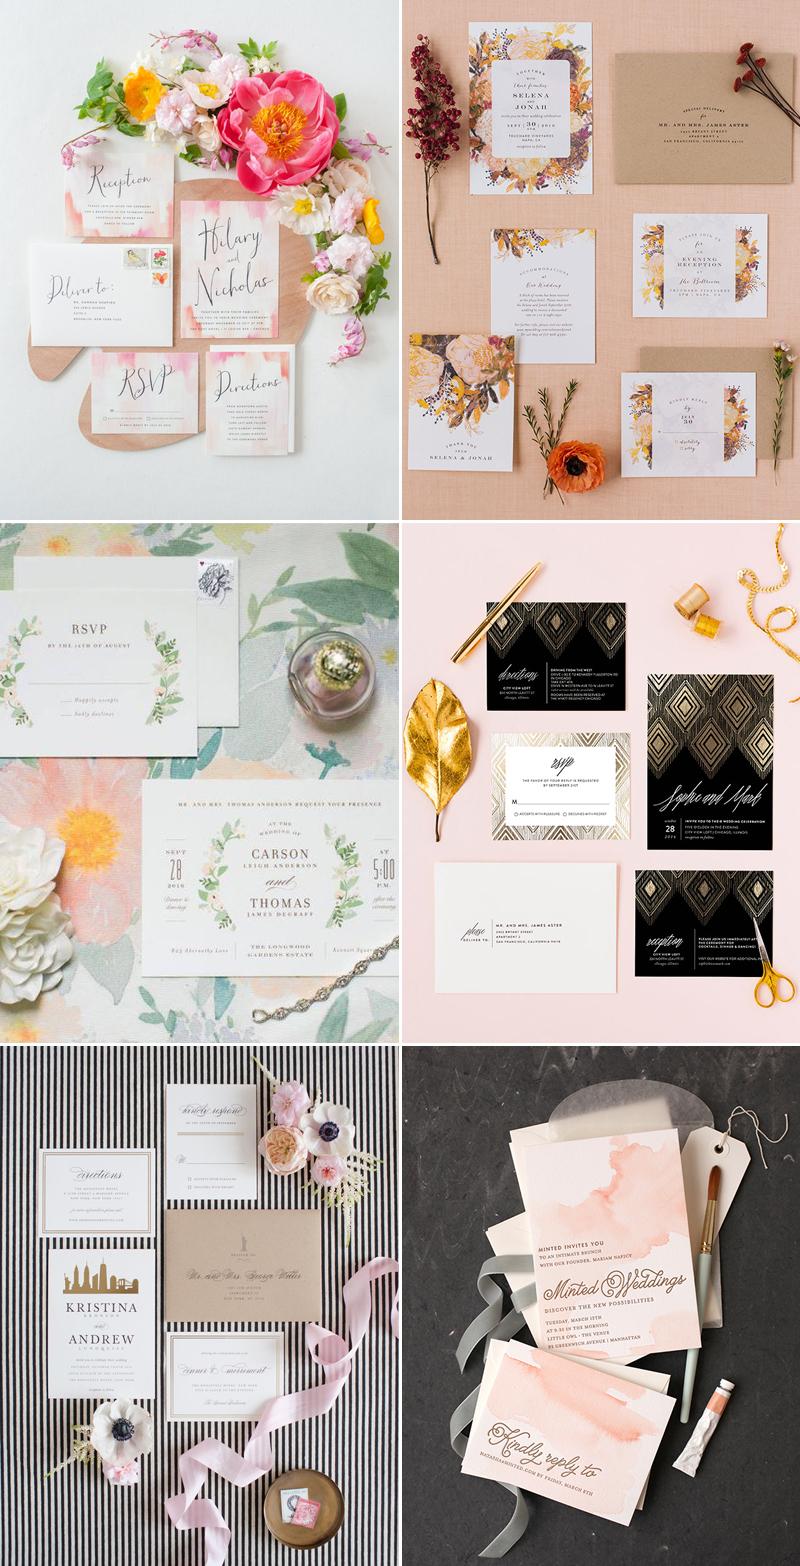 invitation01-minted